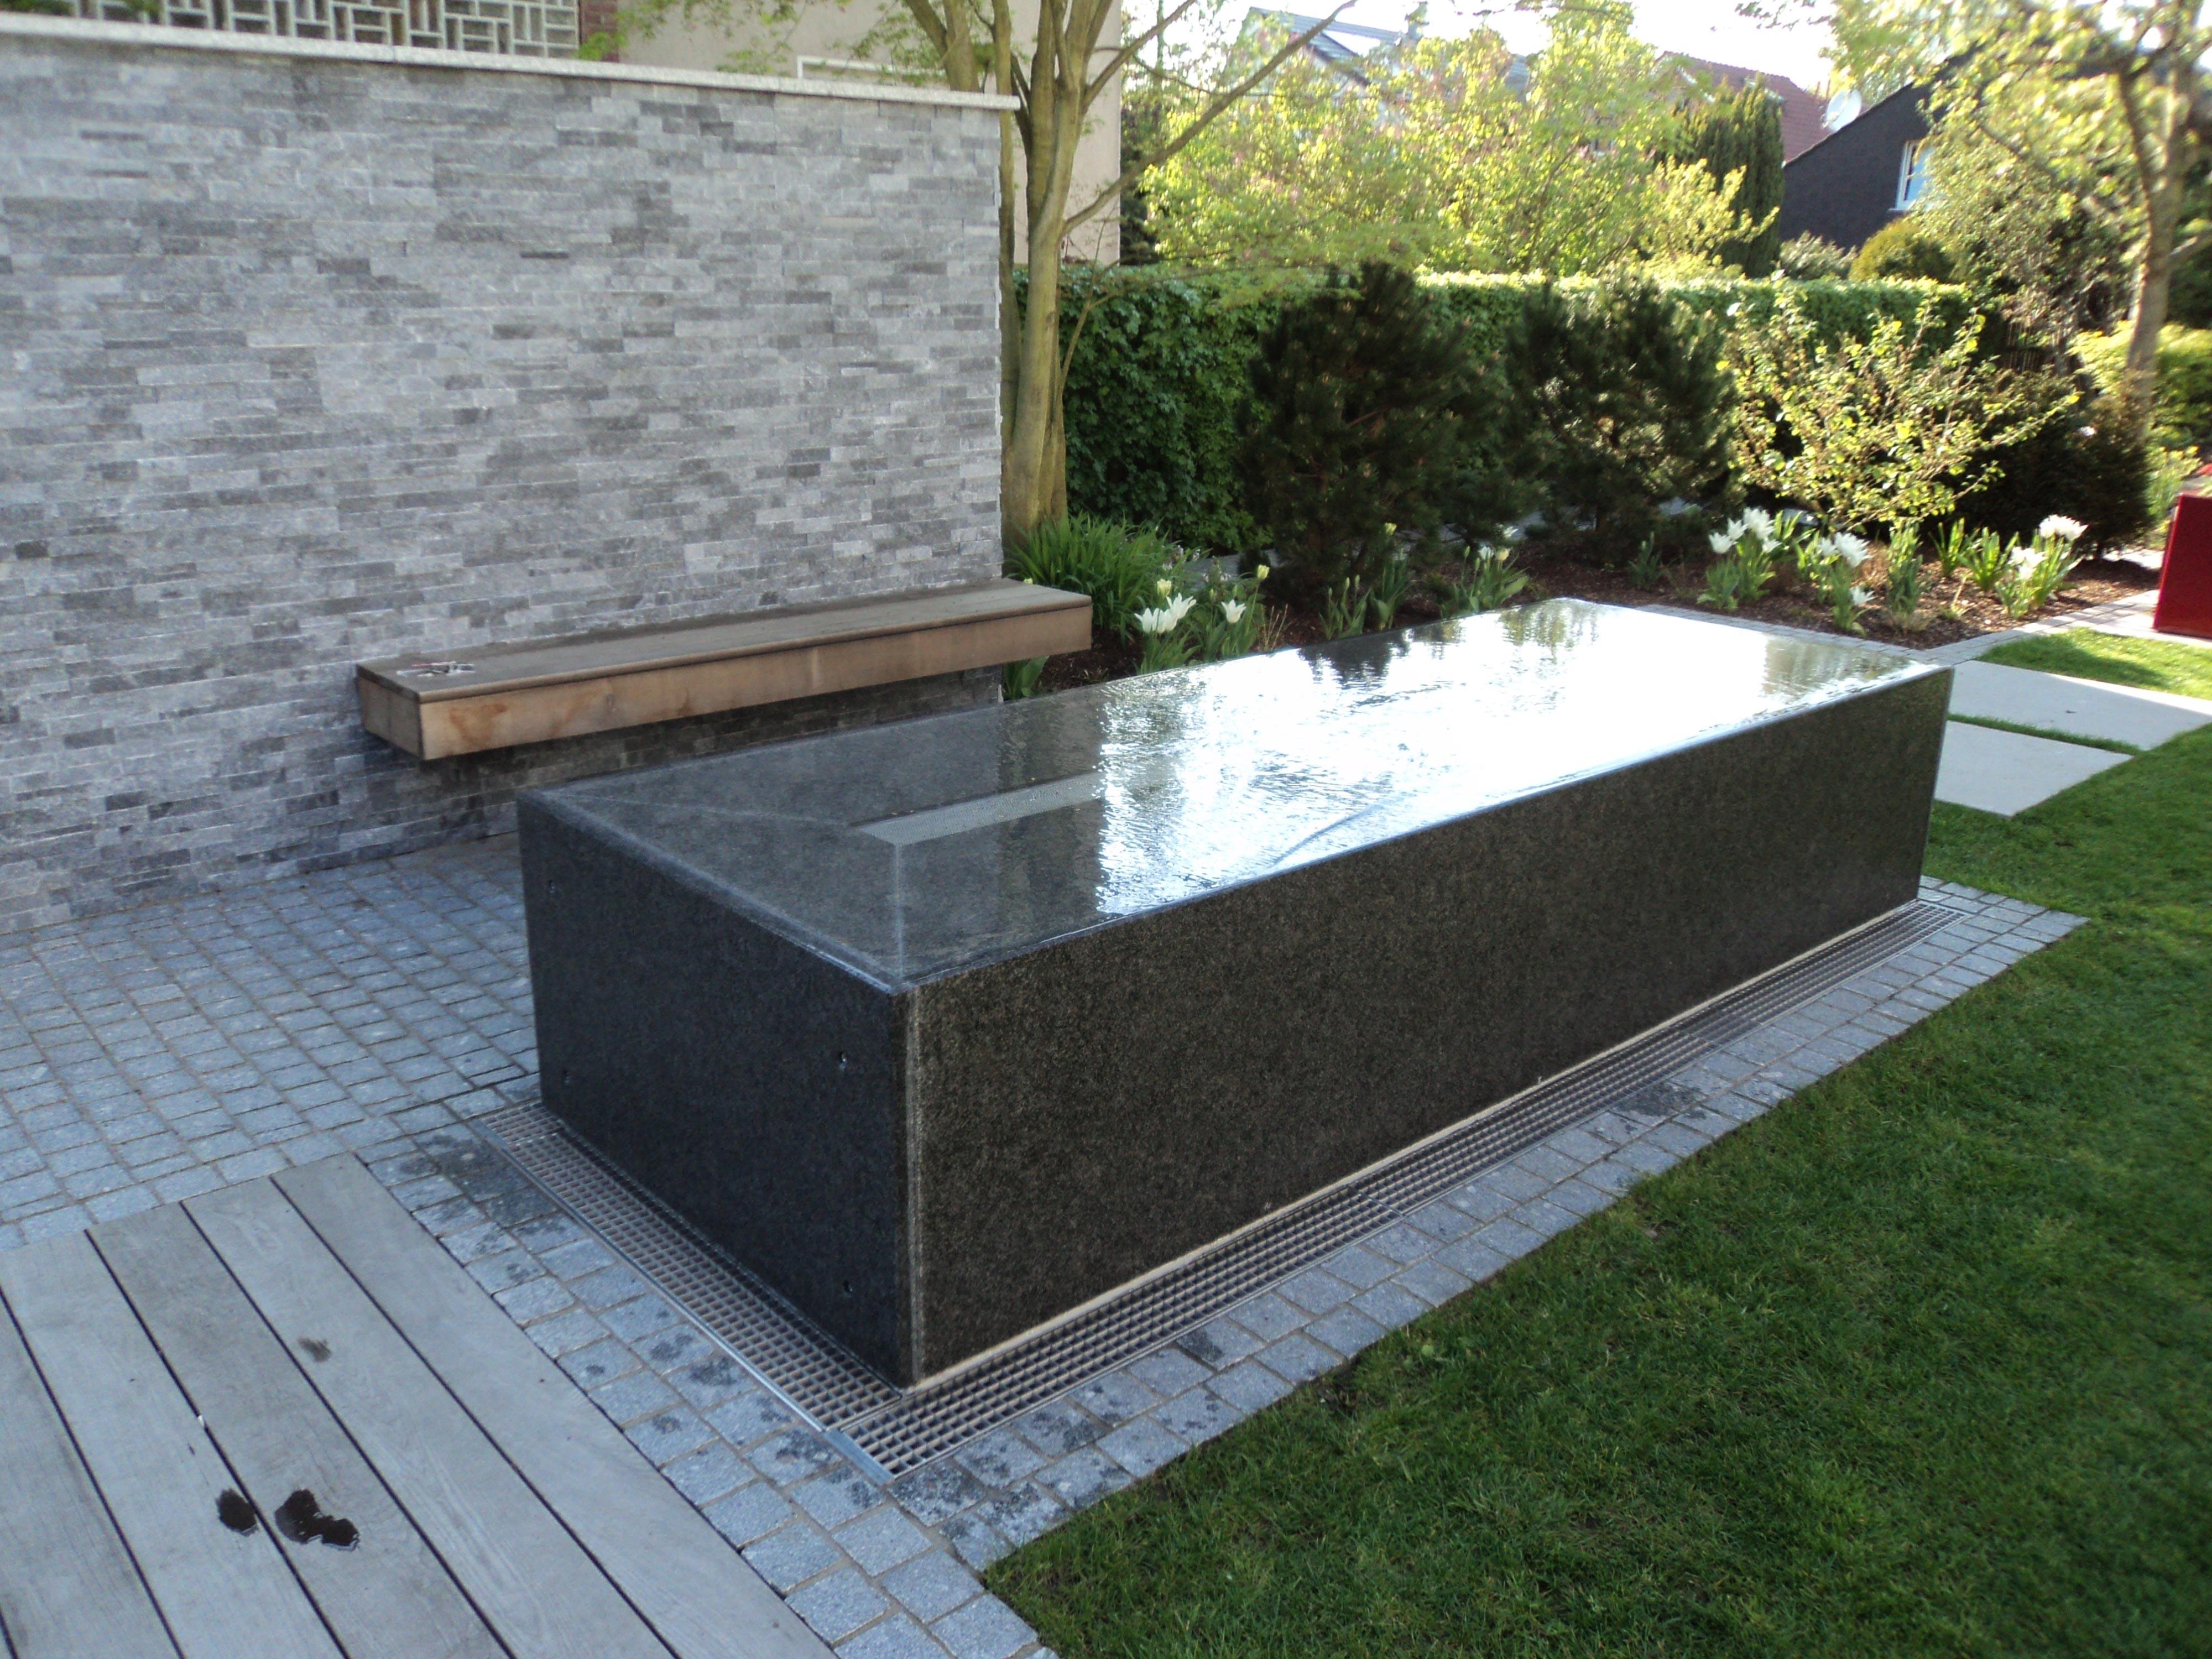 granitwassertisch-wasserablauf02_web.jpg